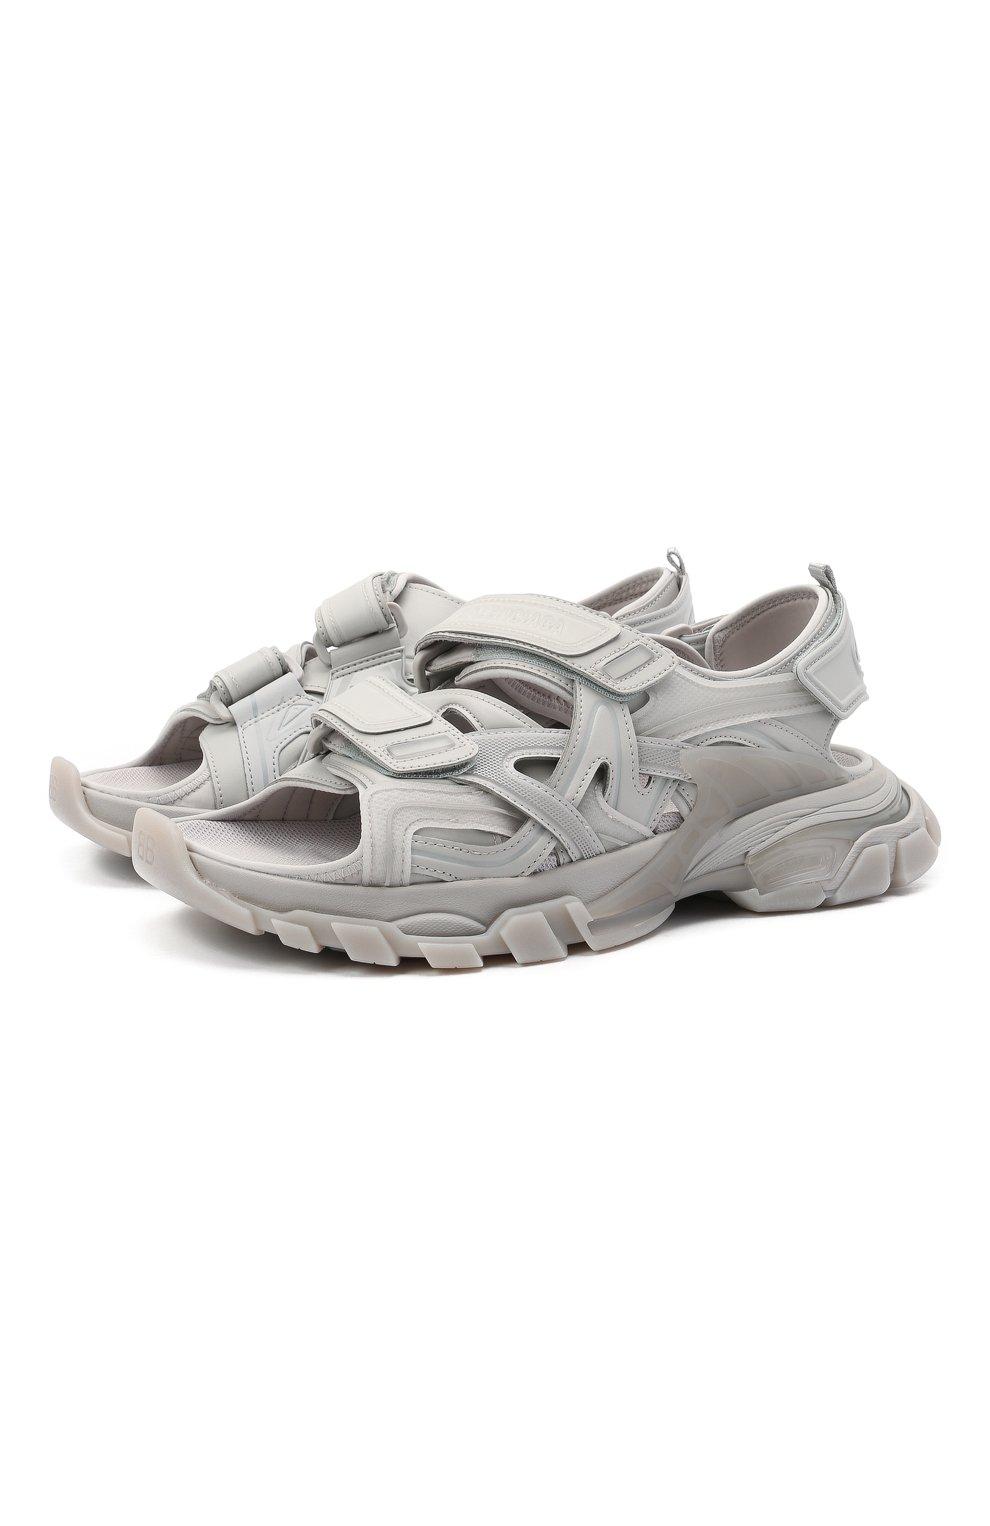 Мужские комбинированные сандалии track BALENCIAGA серого цвета, арт. 655954/W2CC2 | Фото 1 (Материал внешний: Текстиль; Материал внутренний: Текстиль)